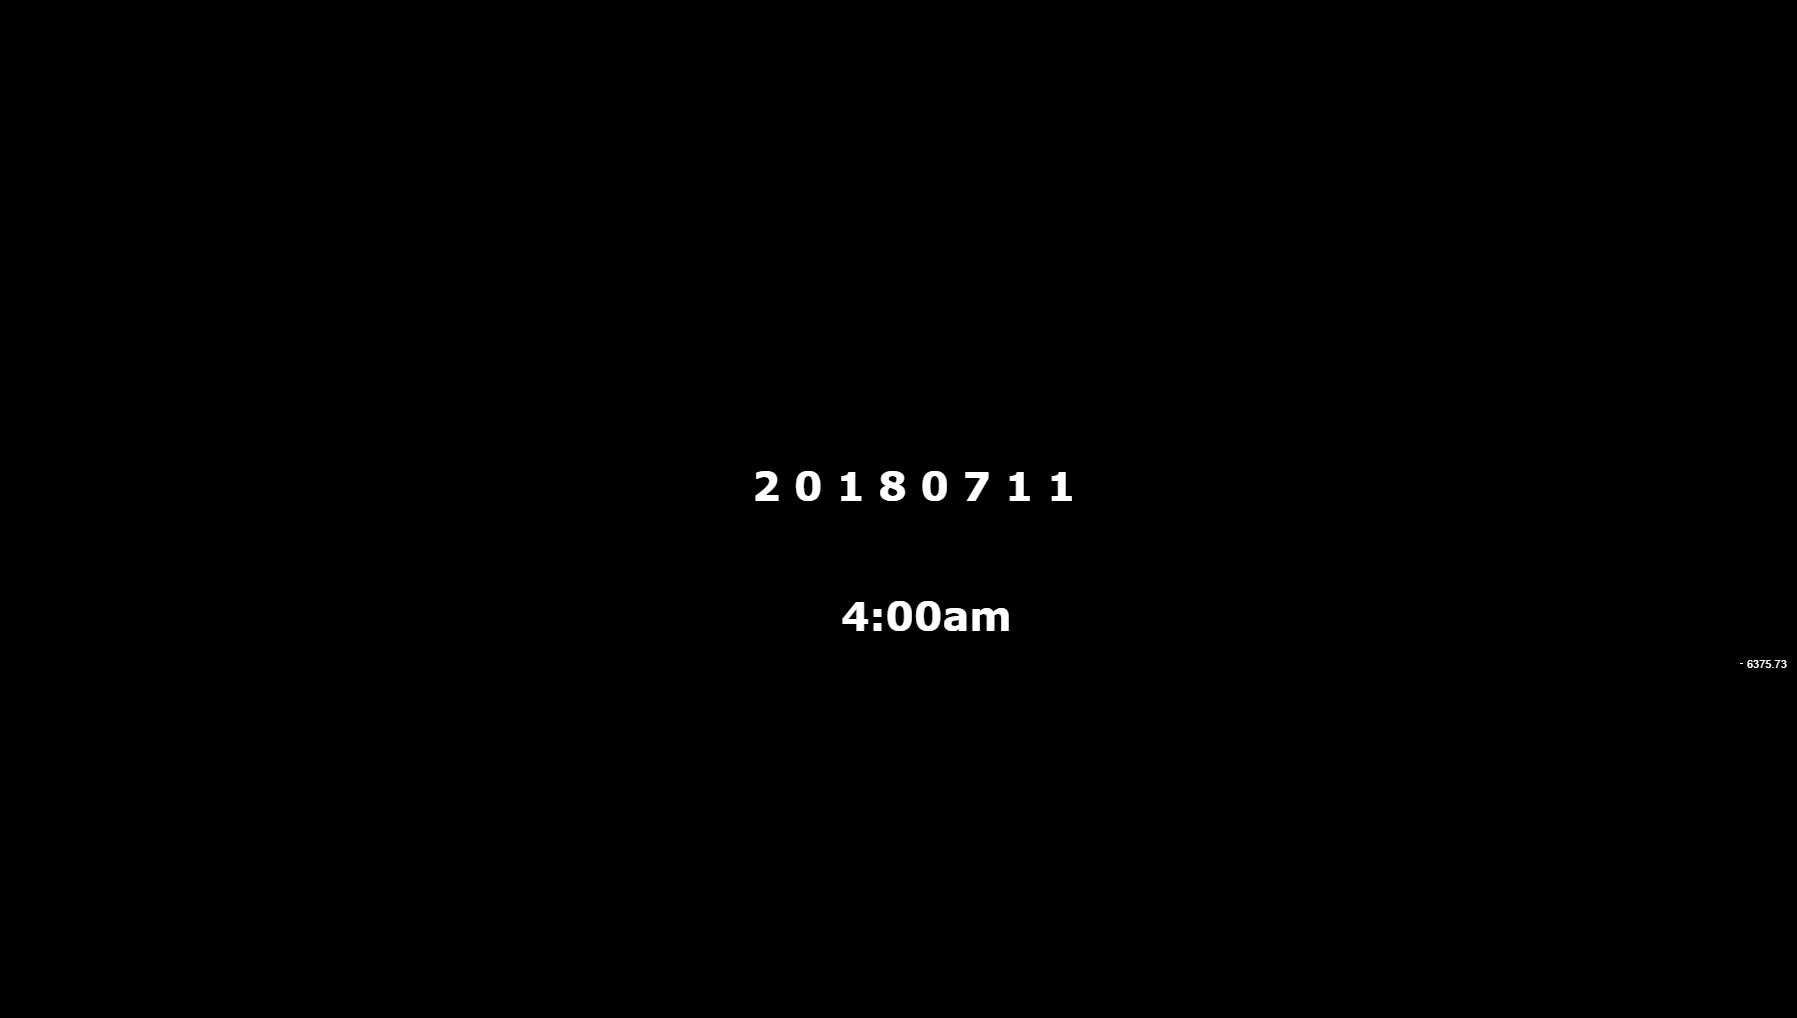 K A N T - 18년도 07월 11일 04:00am 분석 글 / 주봉마감 / 1차저항 도달 후 하락 / 현 시황